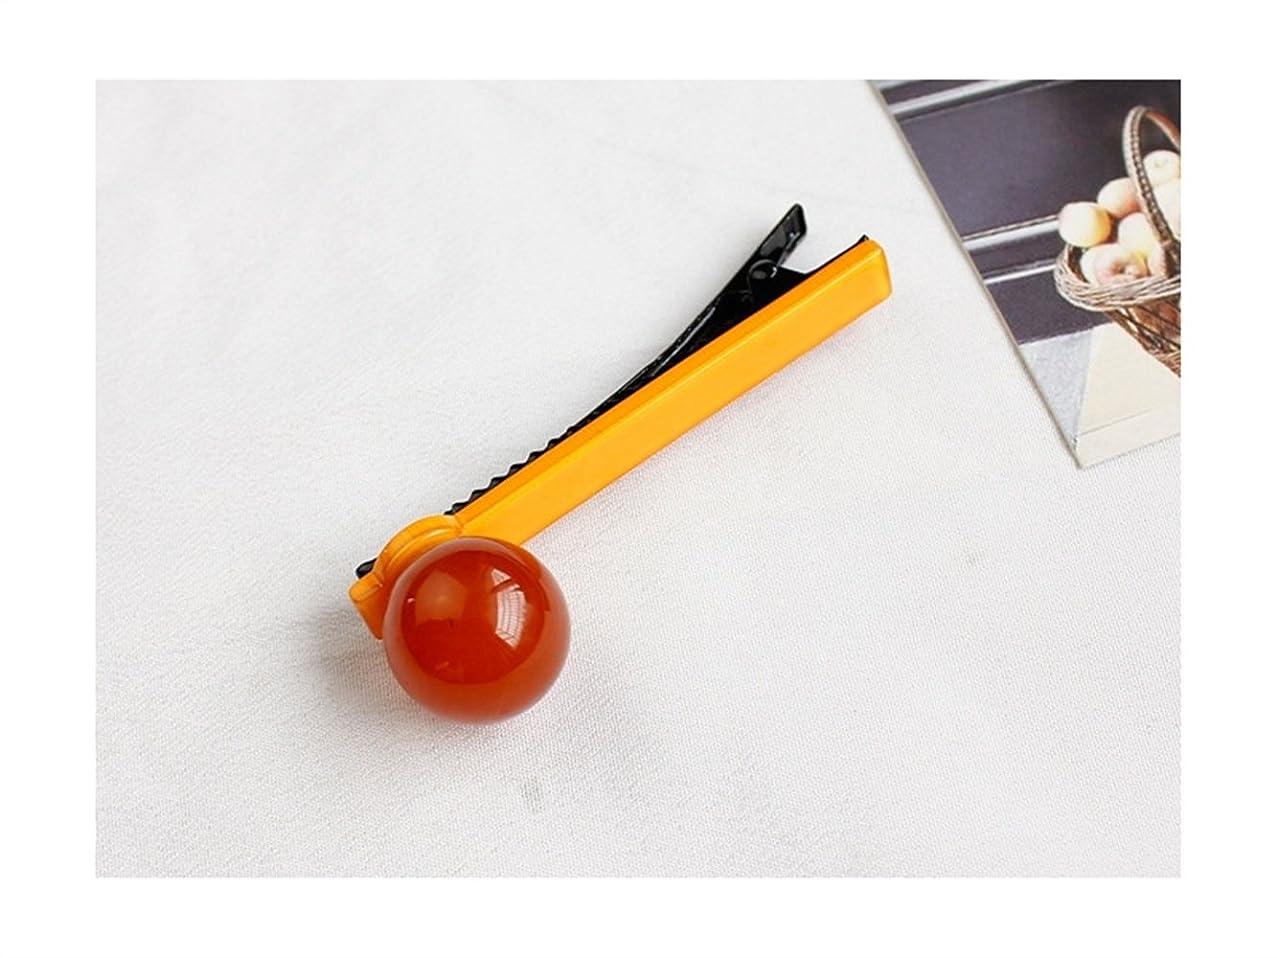 省甘味走るOsize 美しいスタイル ラウンドボールキャンディーカラーバングヘアピンダックビルクリップサイドクリップ(レッド+オレンジ)